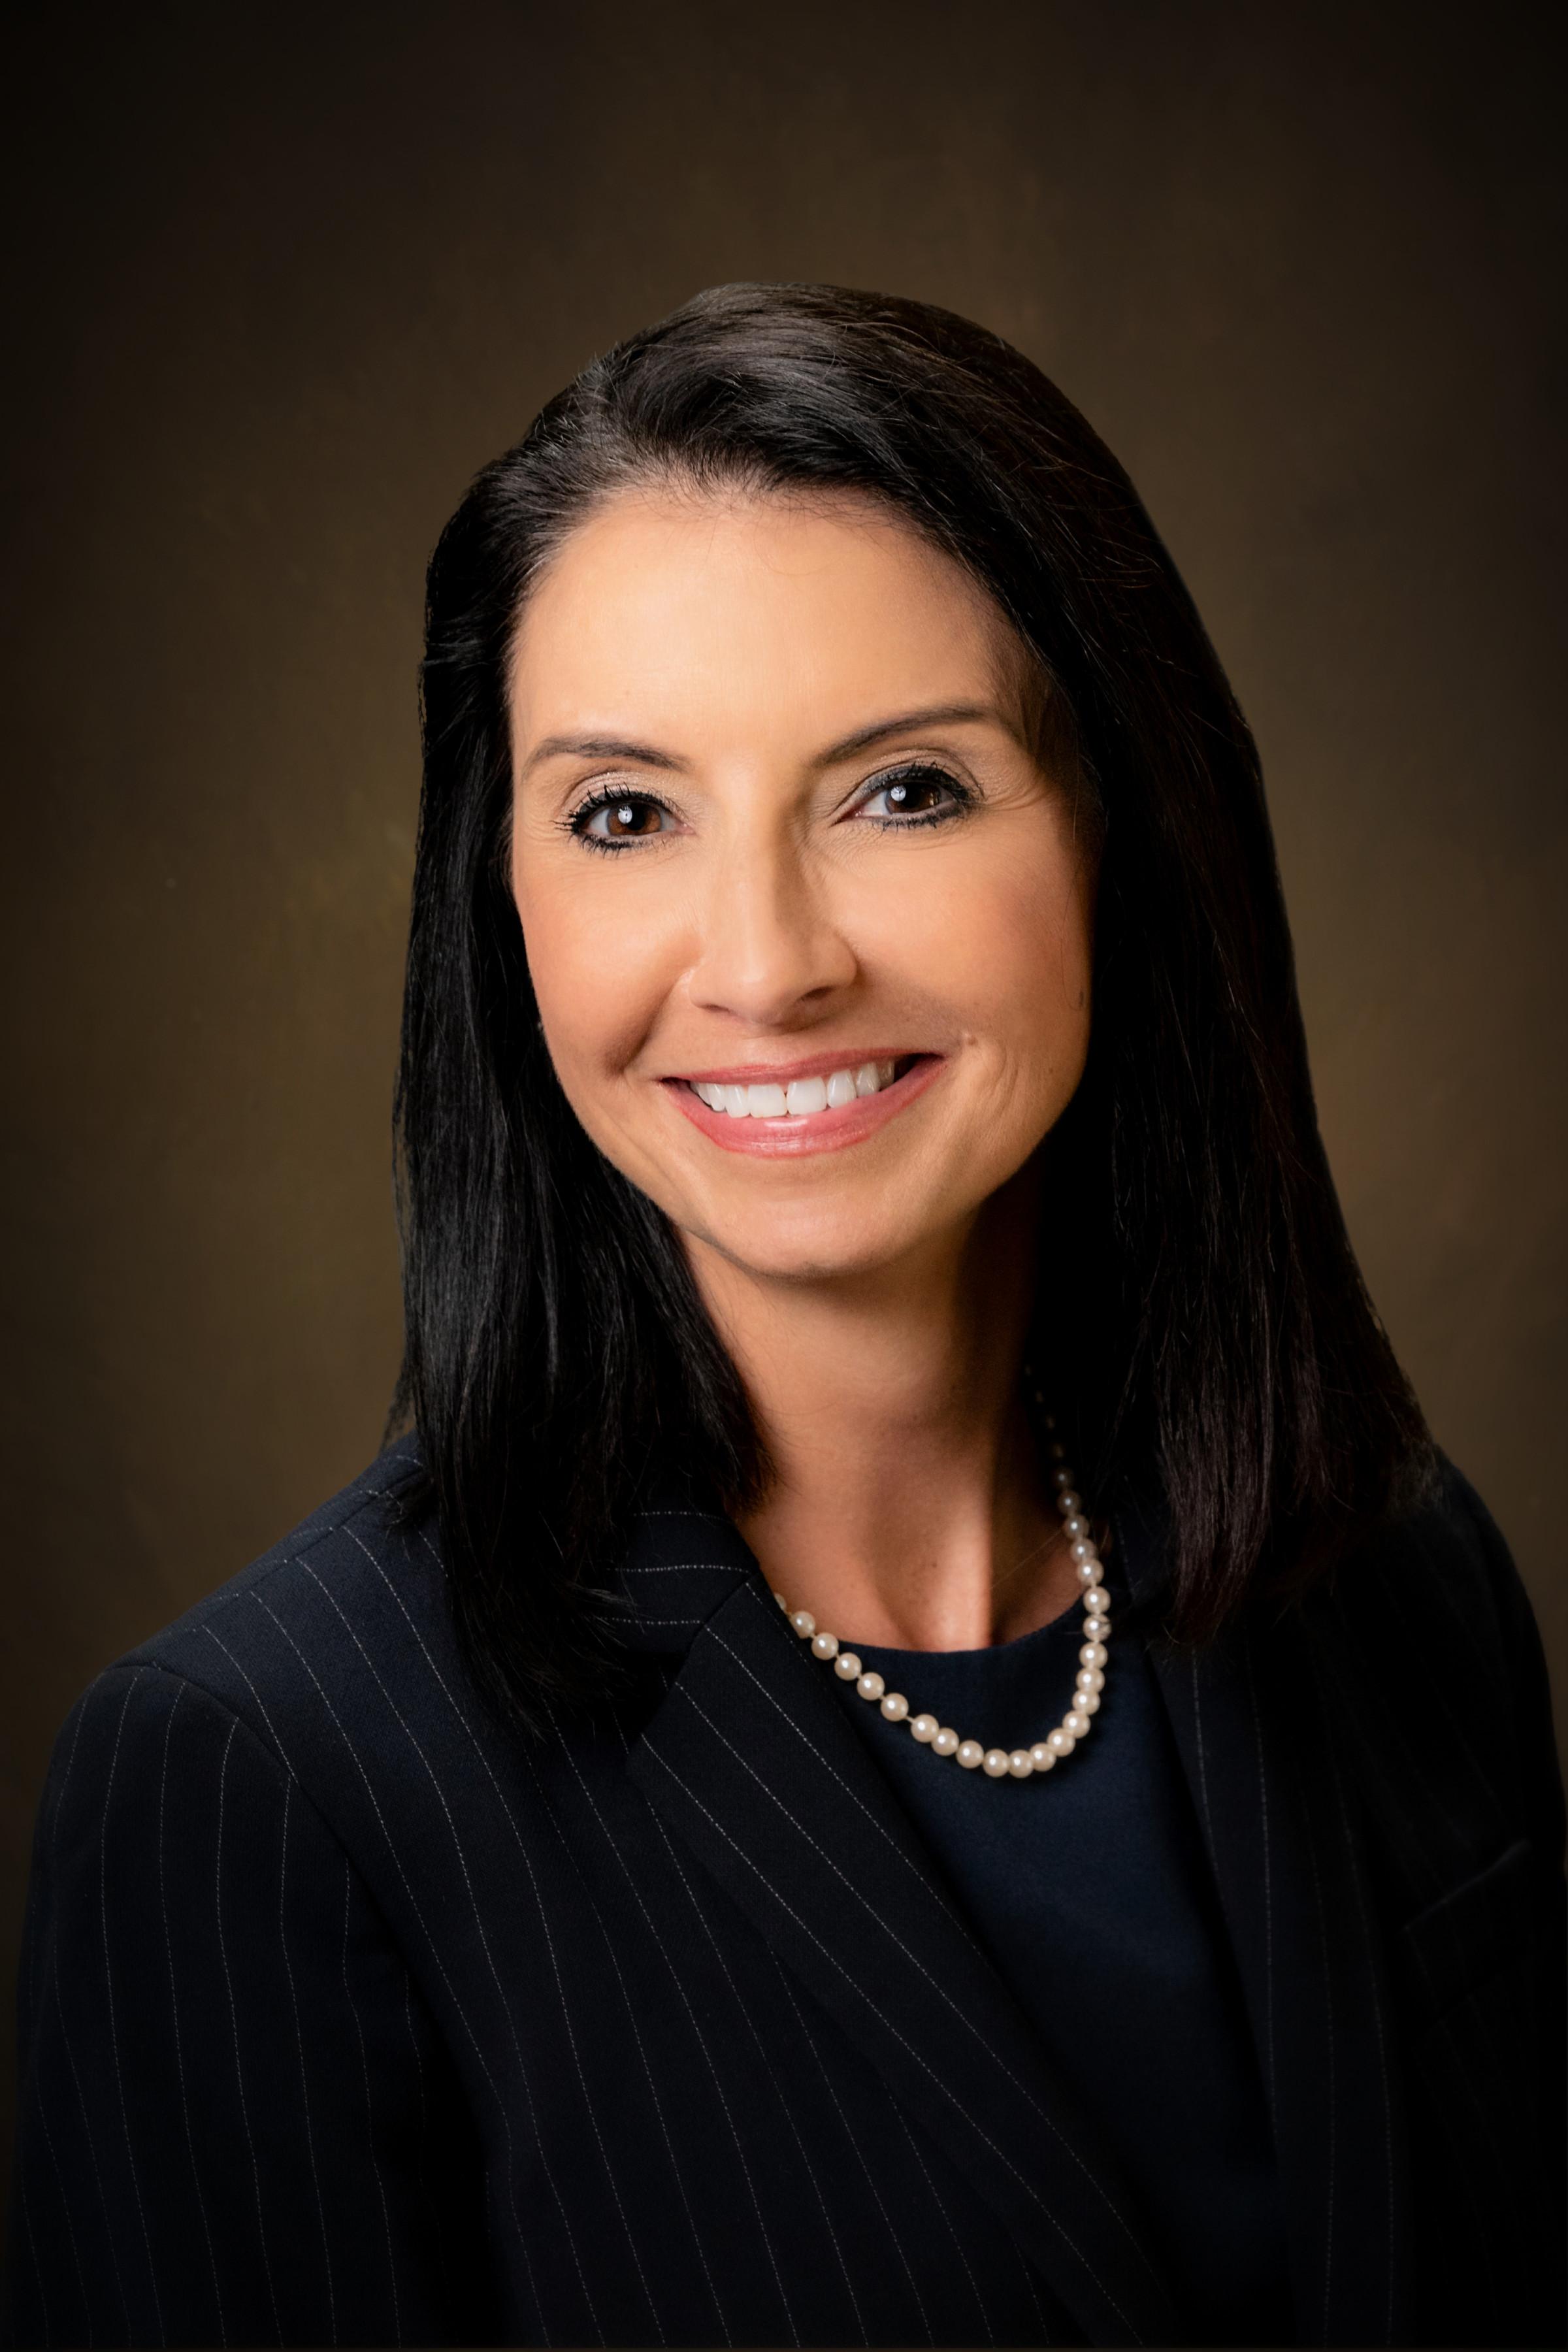 Superintendent Christie Finley